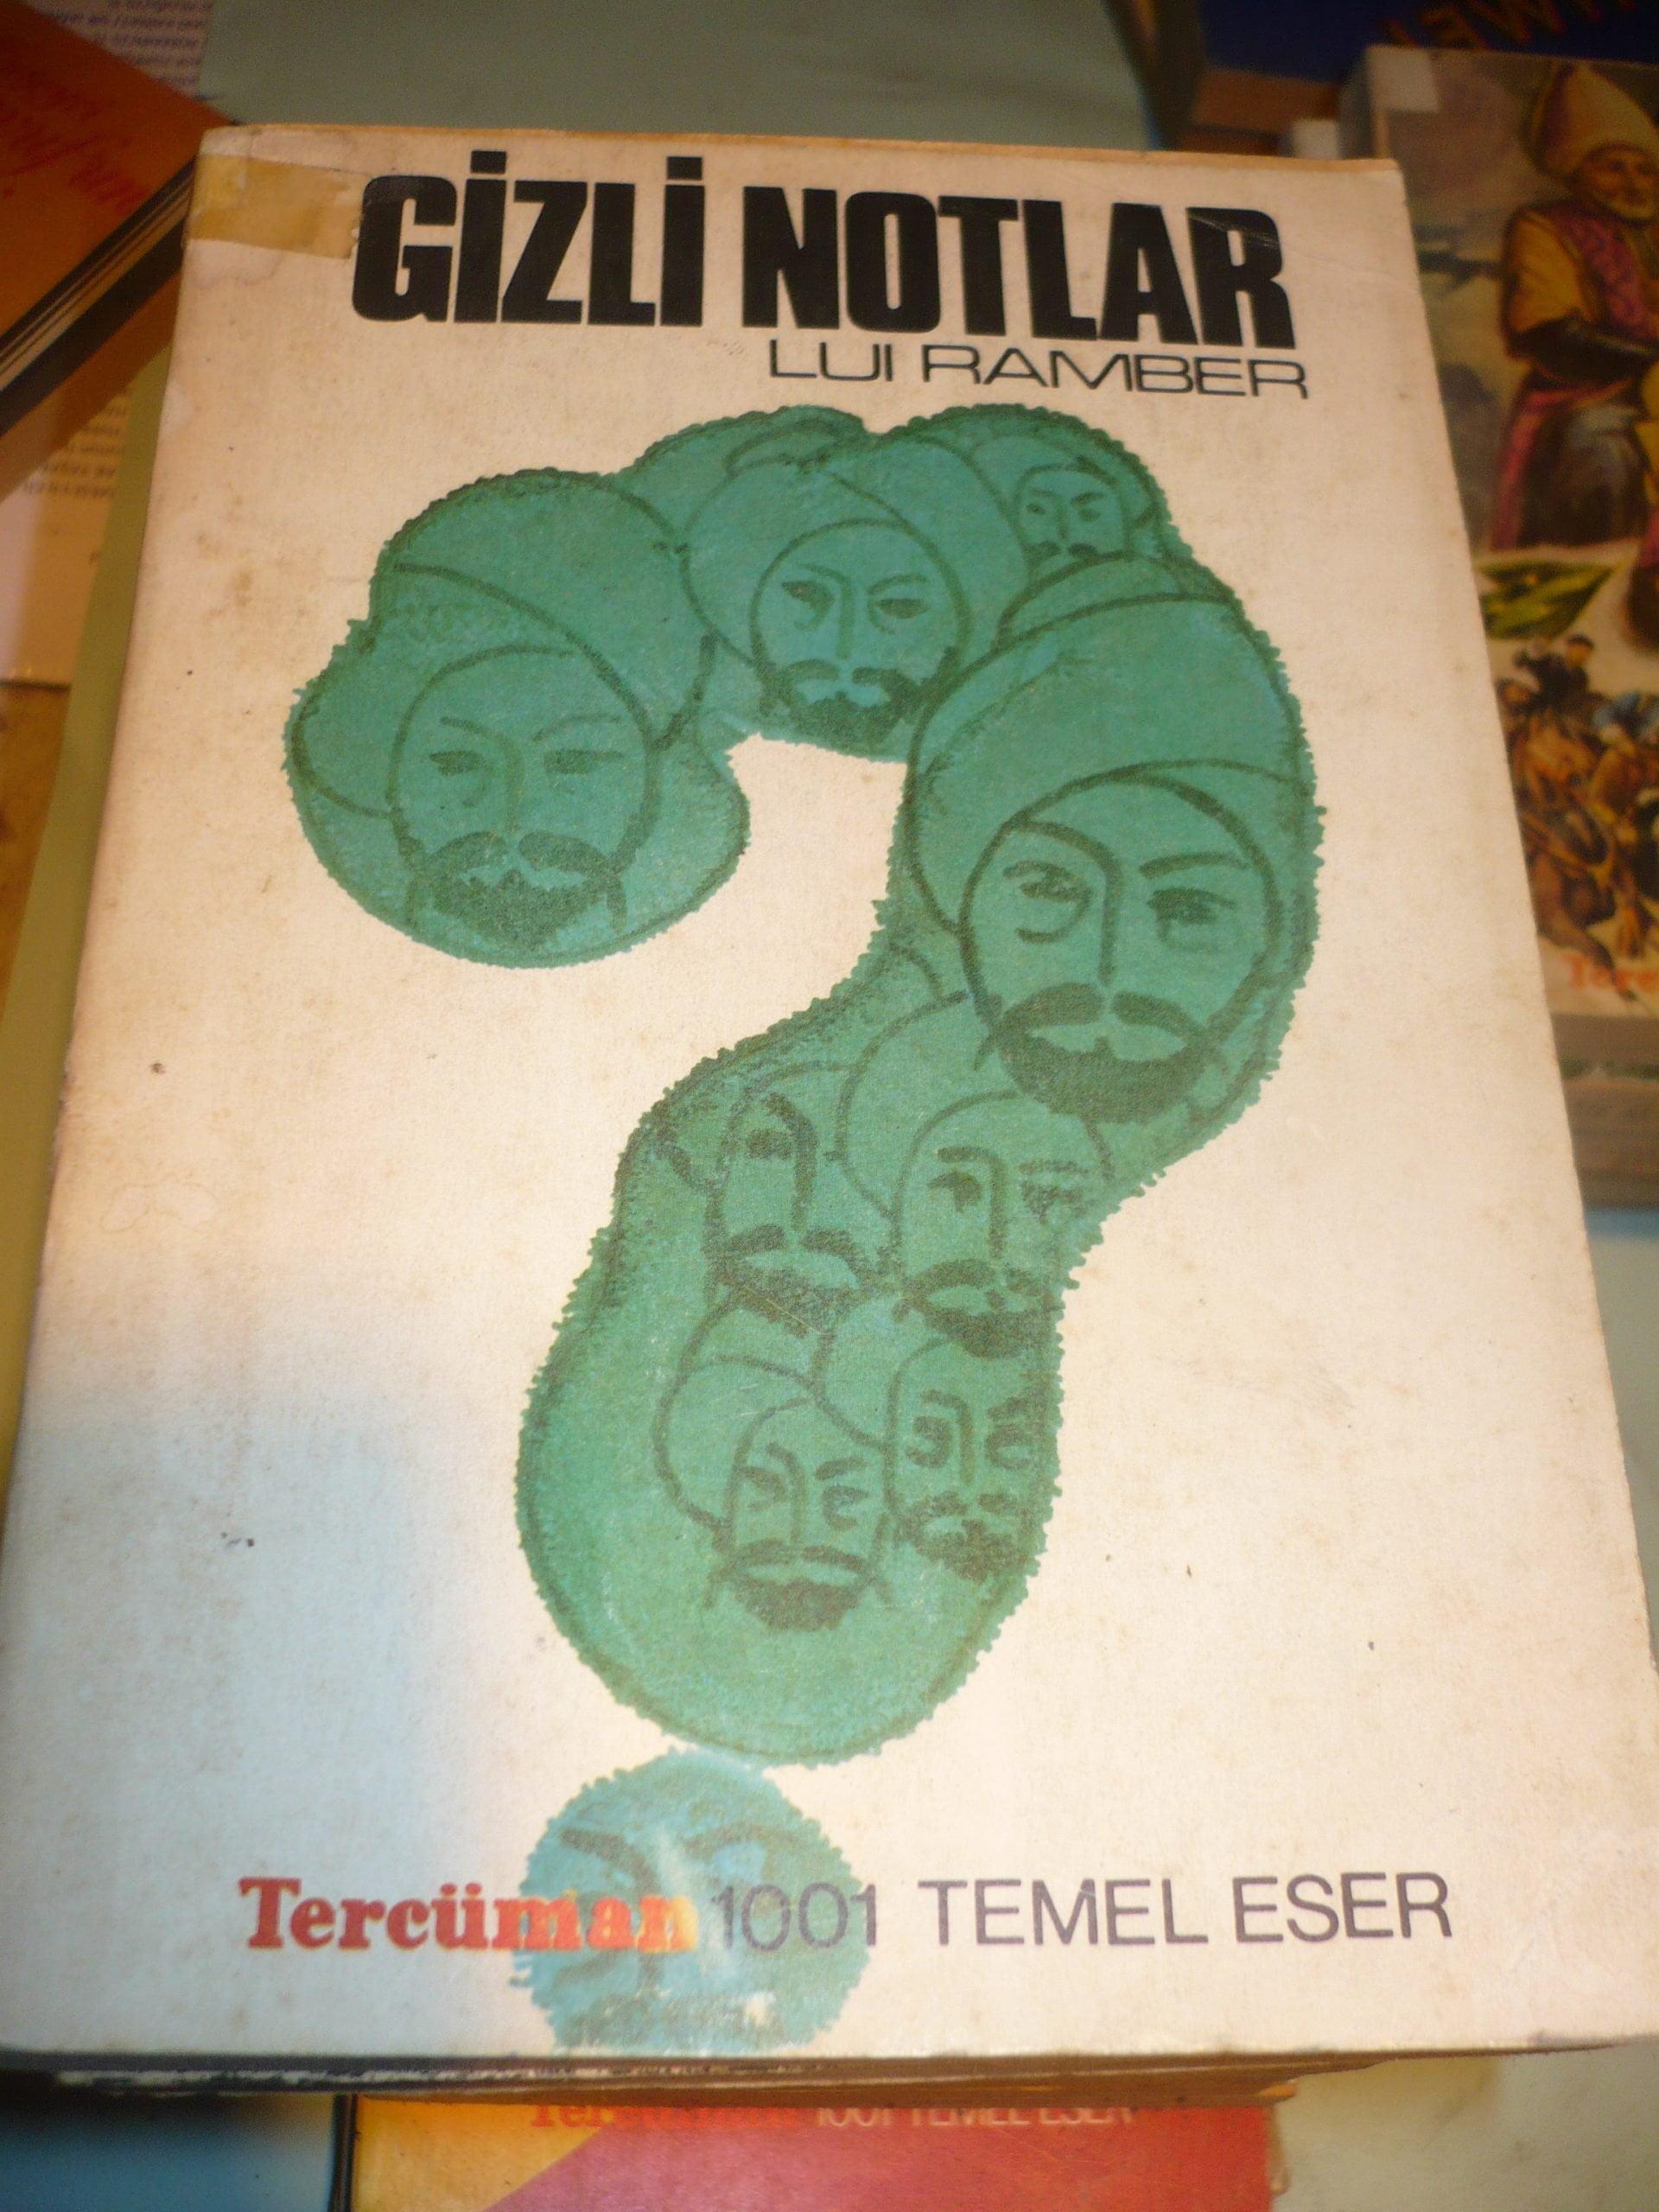 GİZLİ NOTLAR/LUI RAMBER